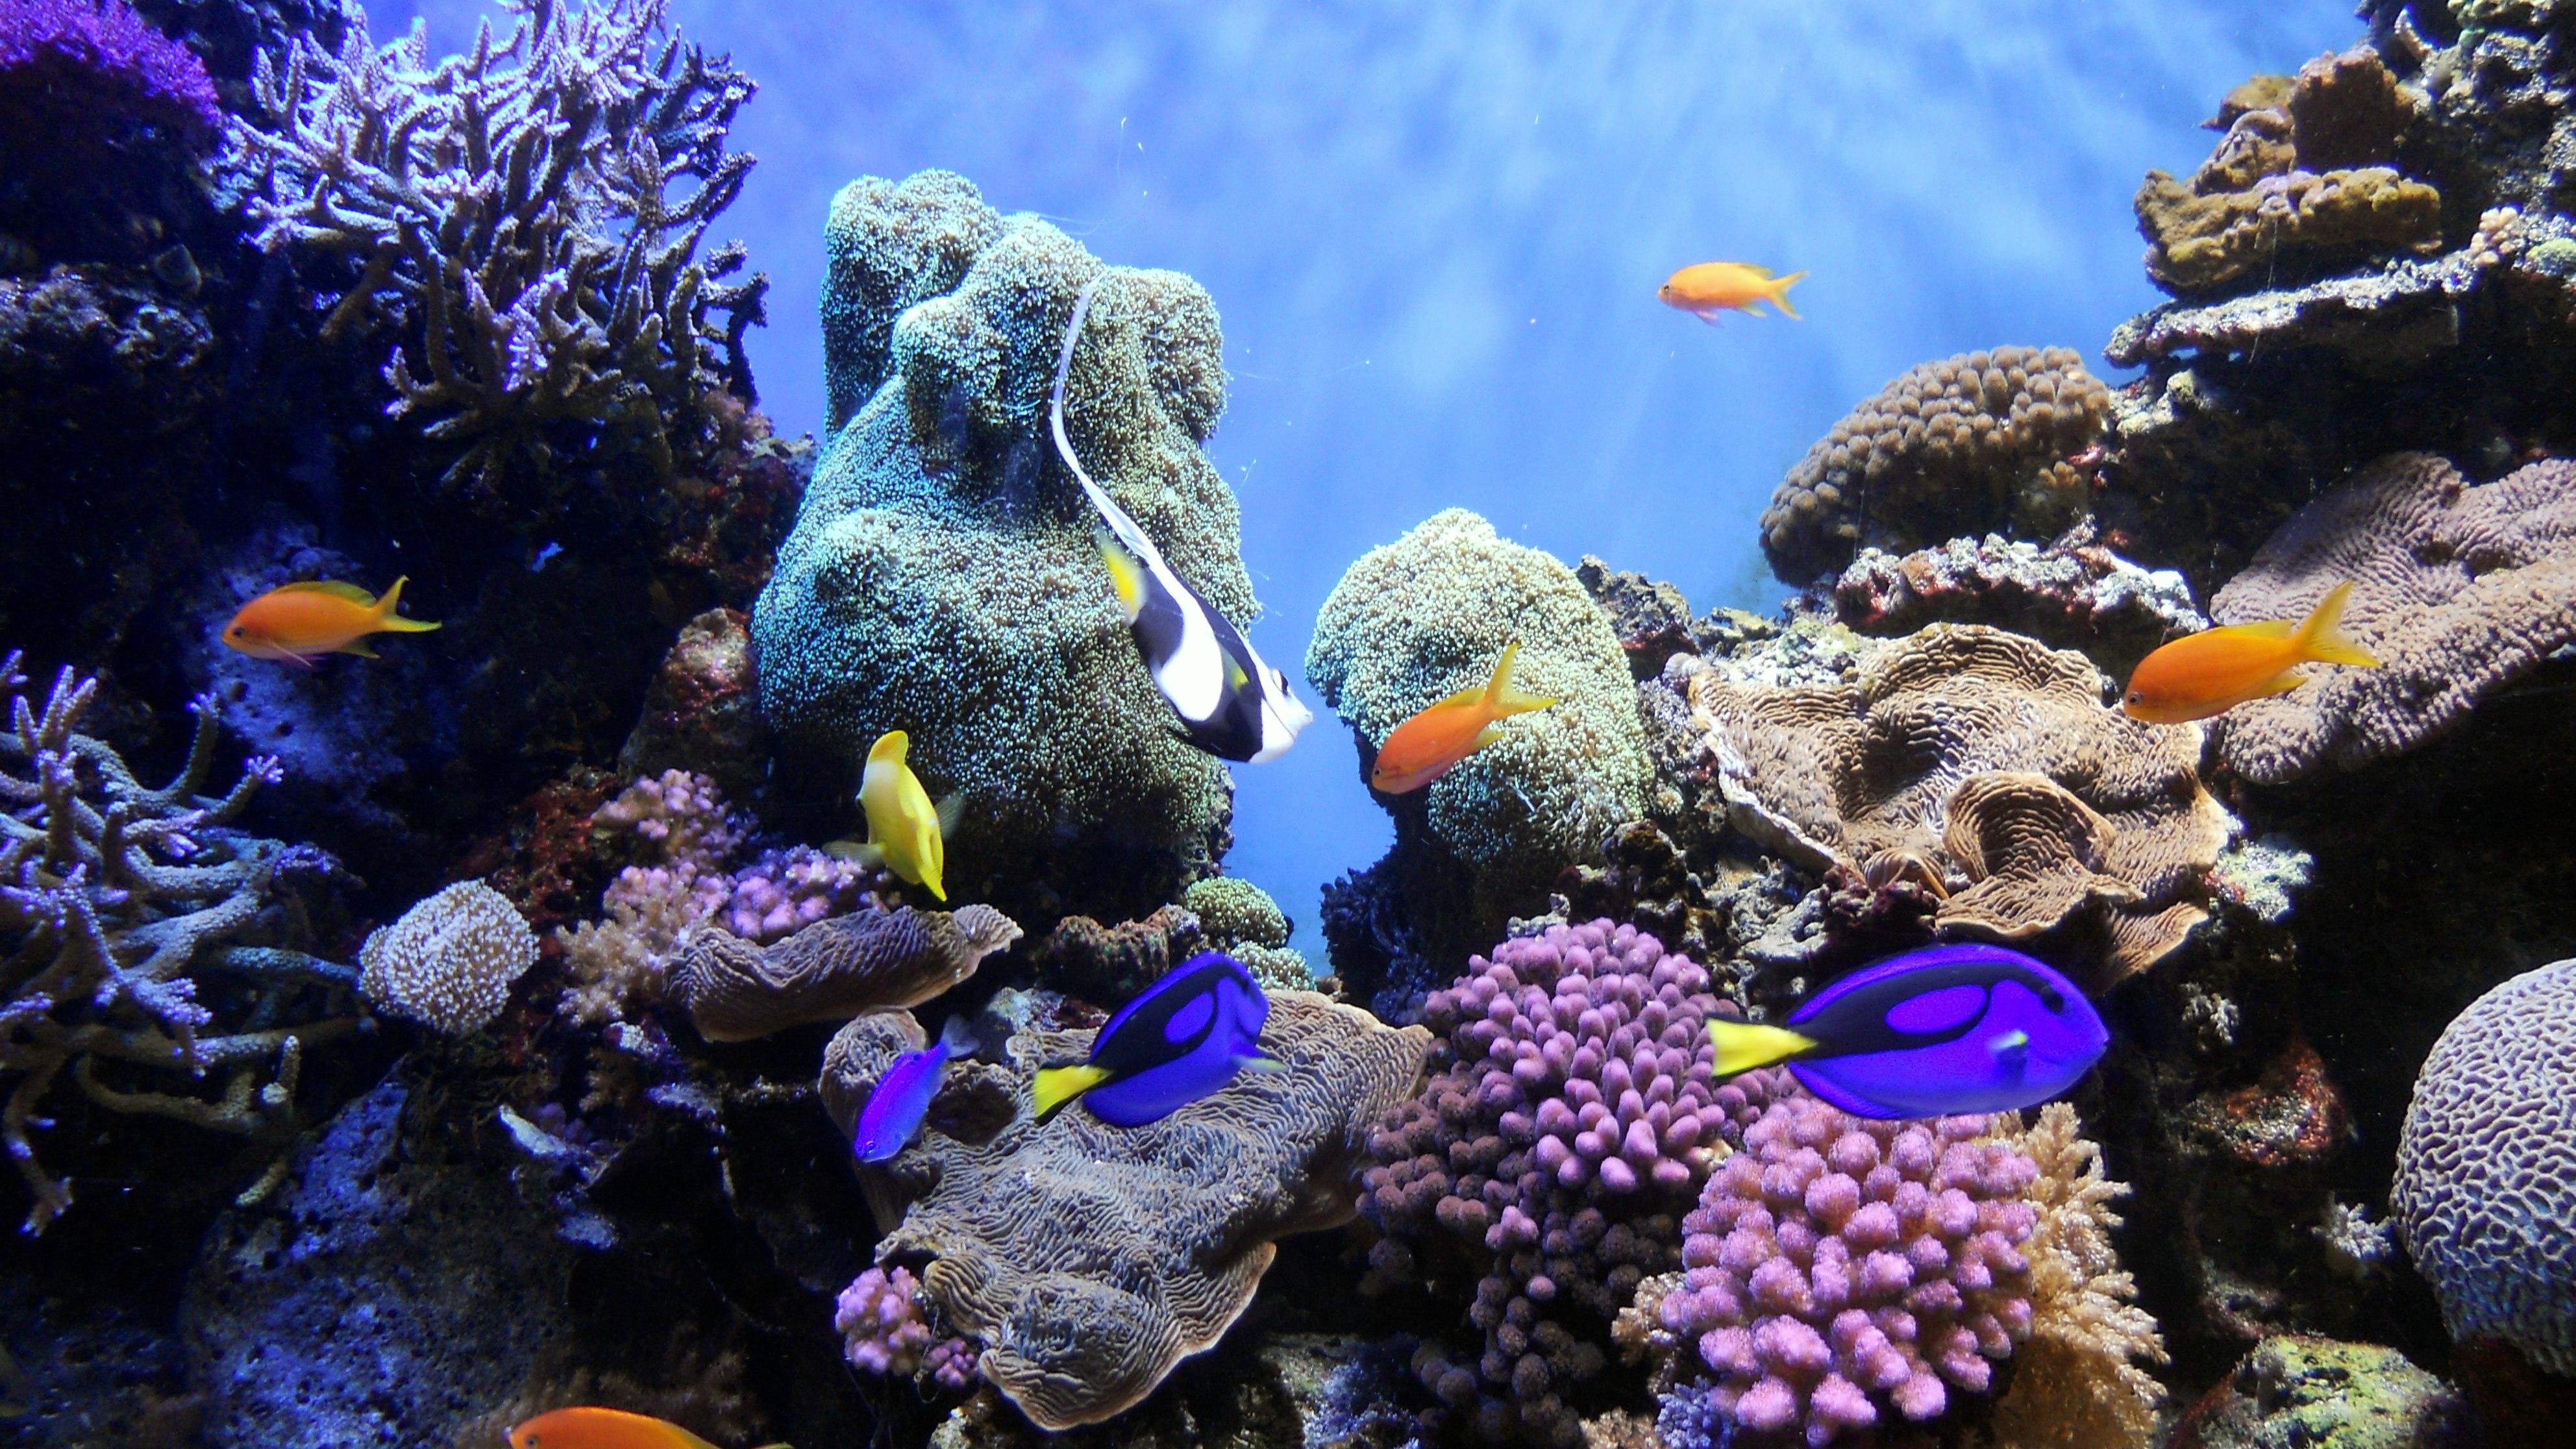 File:Underwater World.jpg - Wikimedia Commons